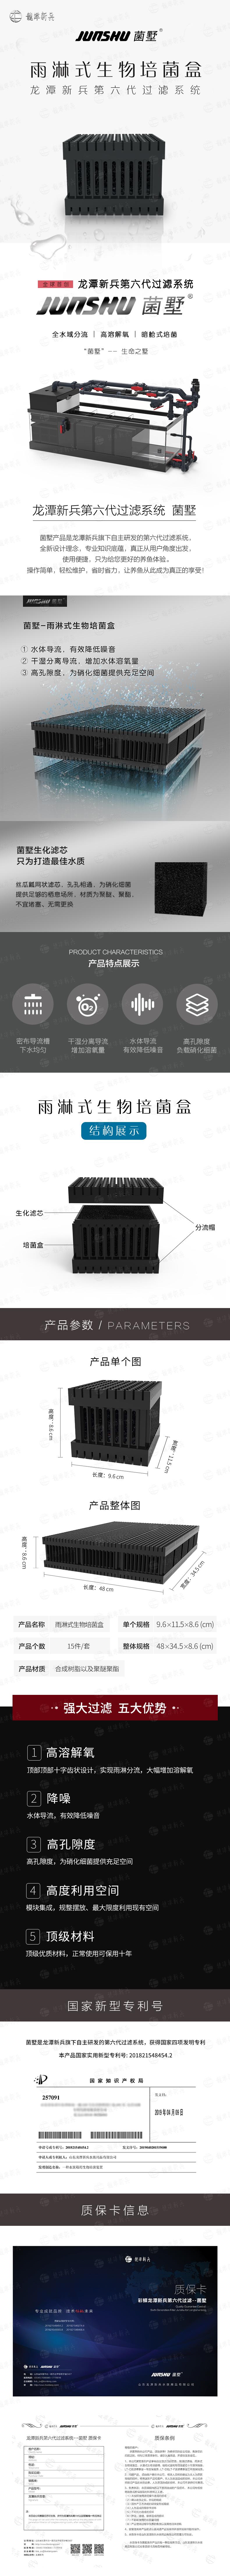 雨淋式生物培菌盒.jpg